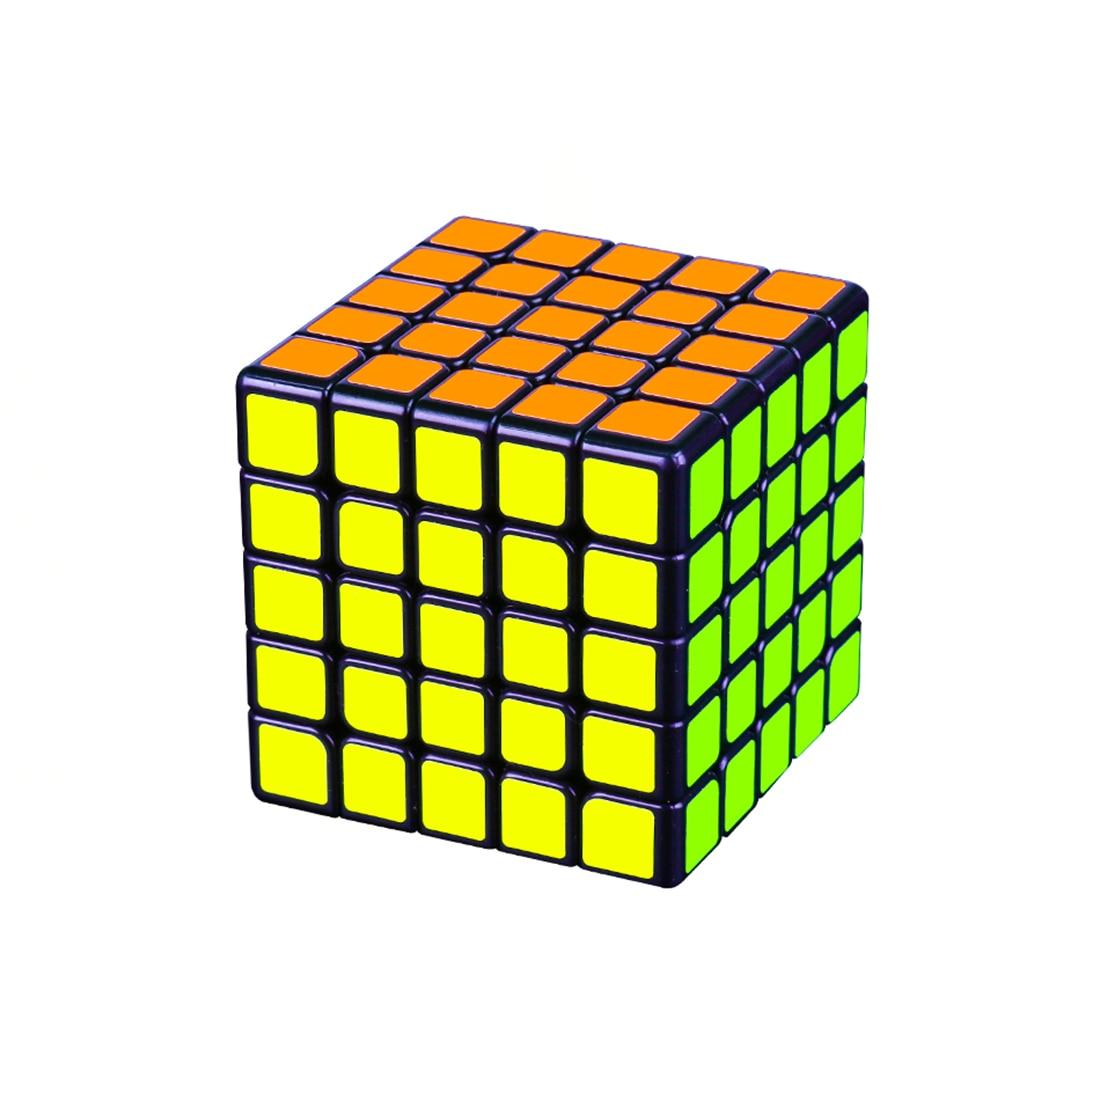 YJ8263 Moyu Aochuang GTS M Version magnétique 5x5 Cube magique pour entraînement cérébral-noir